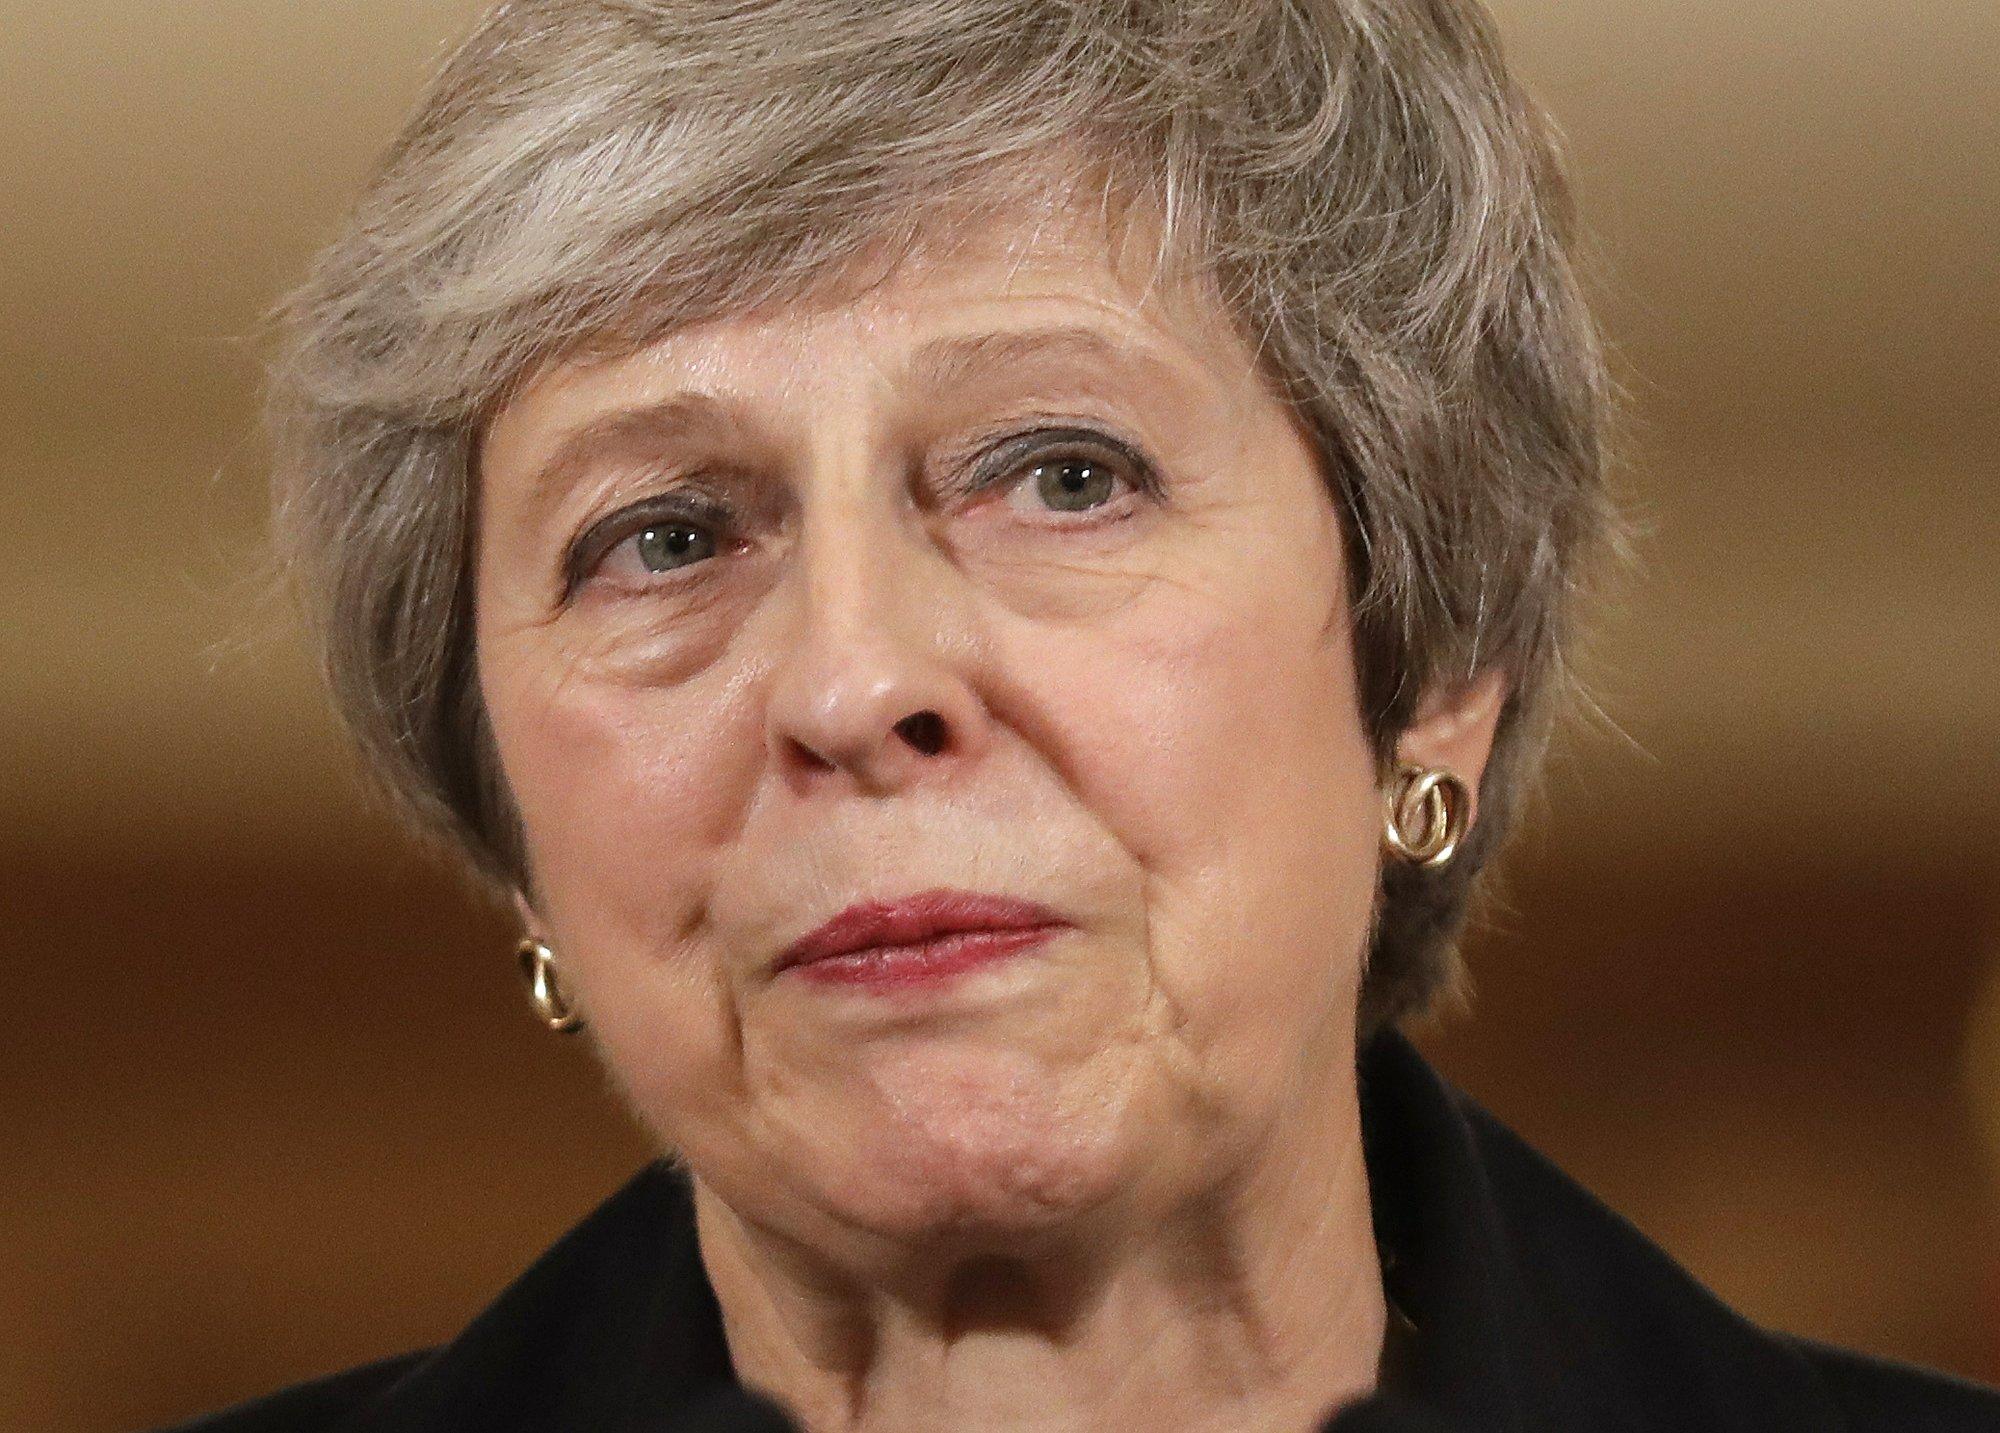 UK leader warns ousting her won't make Brexit talks easier